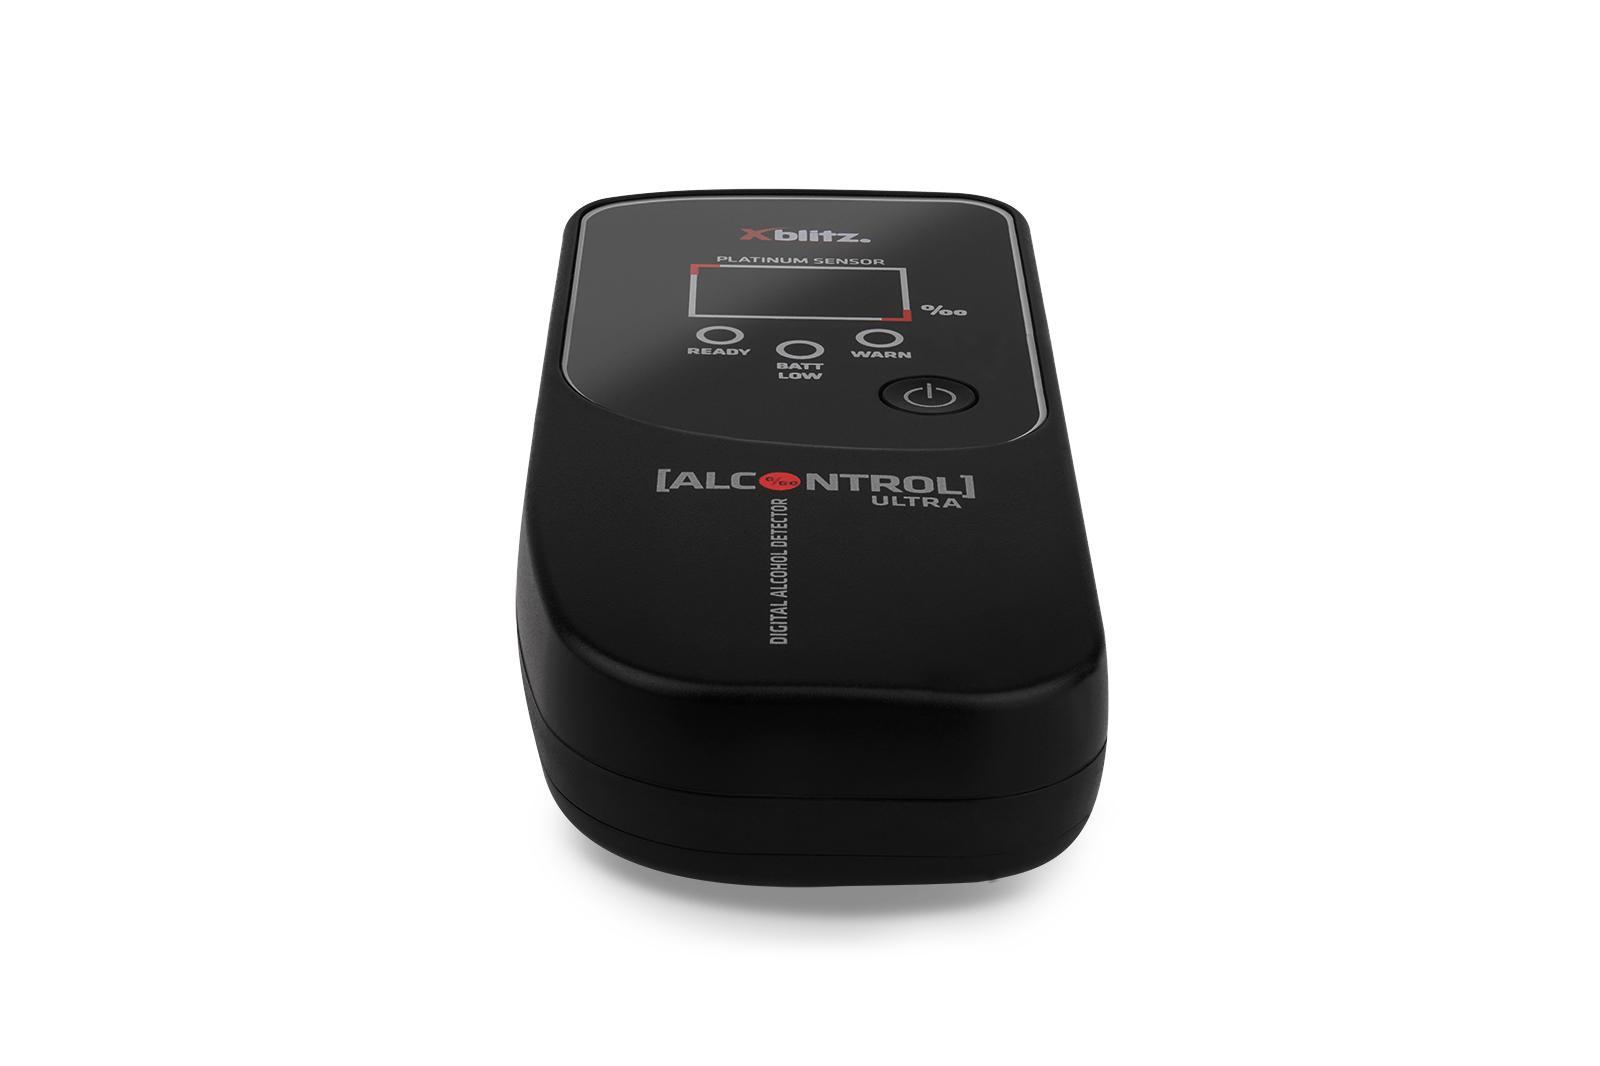 AlcontrolUltra Alkometri XBLITZ Alcontrol Ultra - Laaja valikoima — Paljon alennuksia